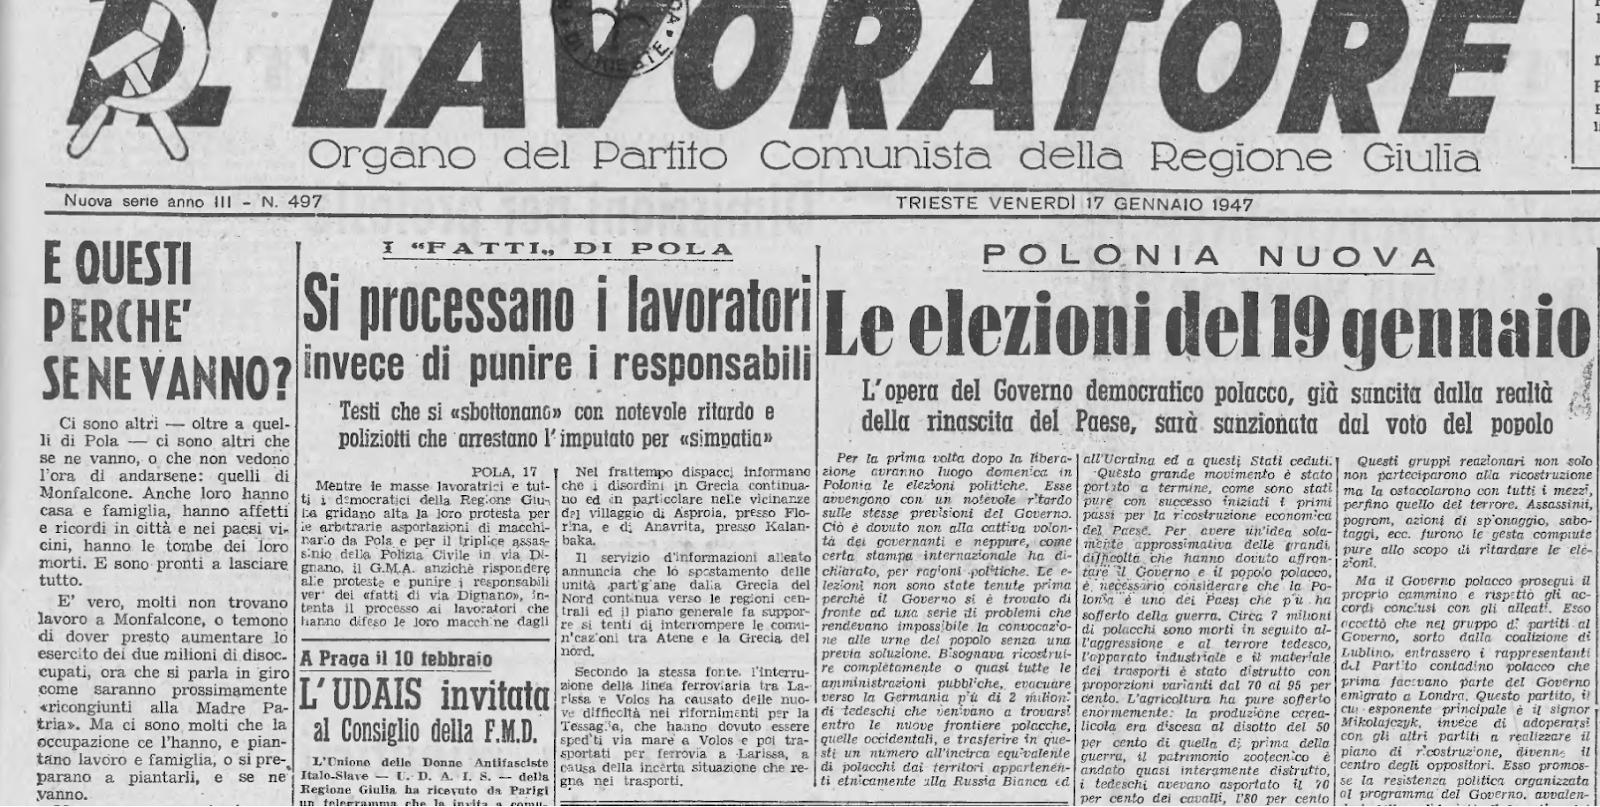 """""""E questi perché se ne vanno?,"""" Il Lavoratore, 17 gennaio 1947"""